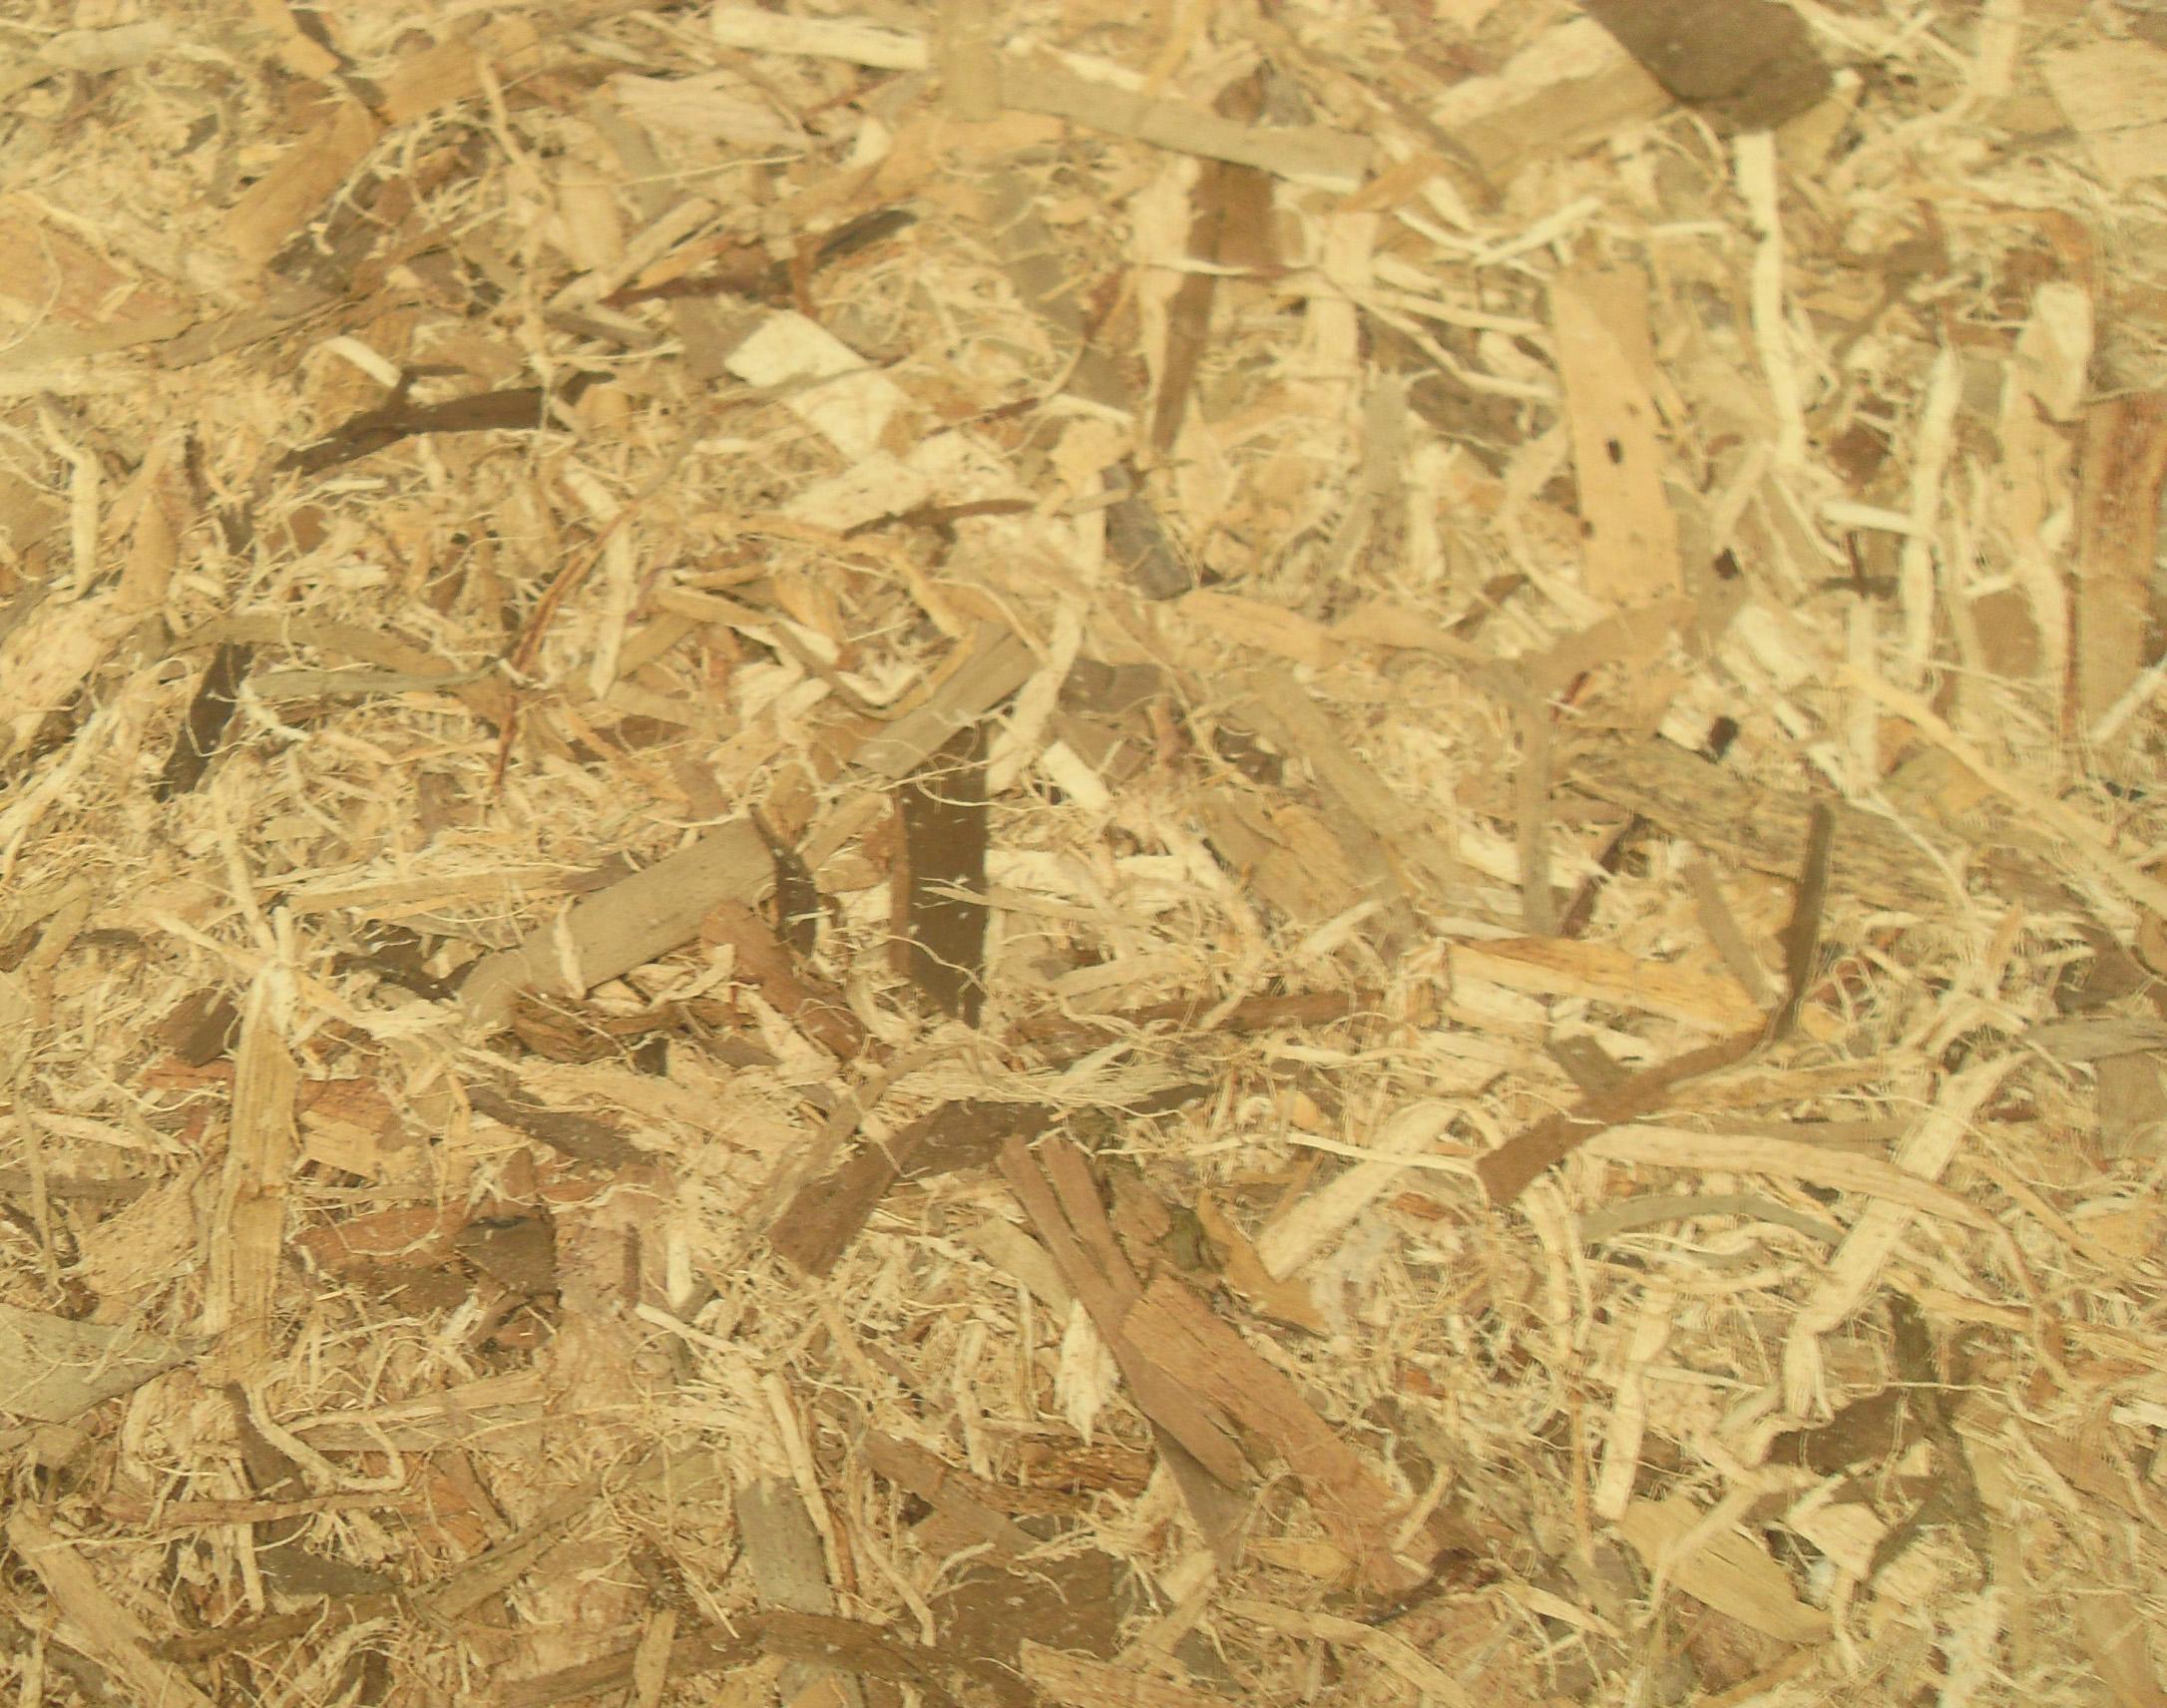 ฉนวนกันความร้อนจากผักตบชวา   Insulation from Water-Hyacinth